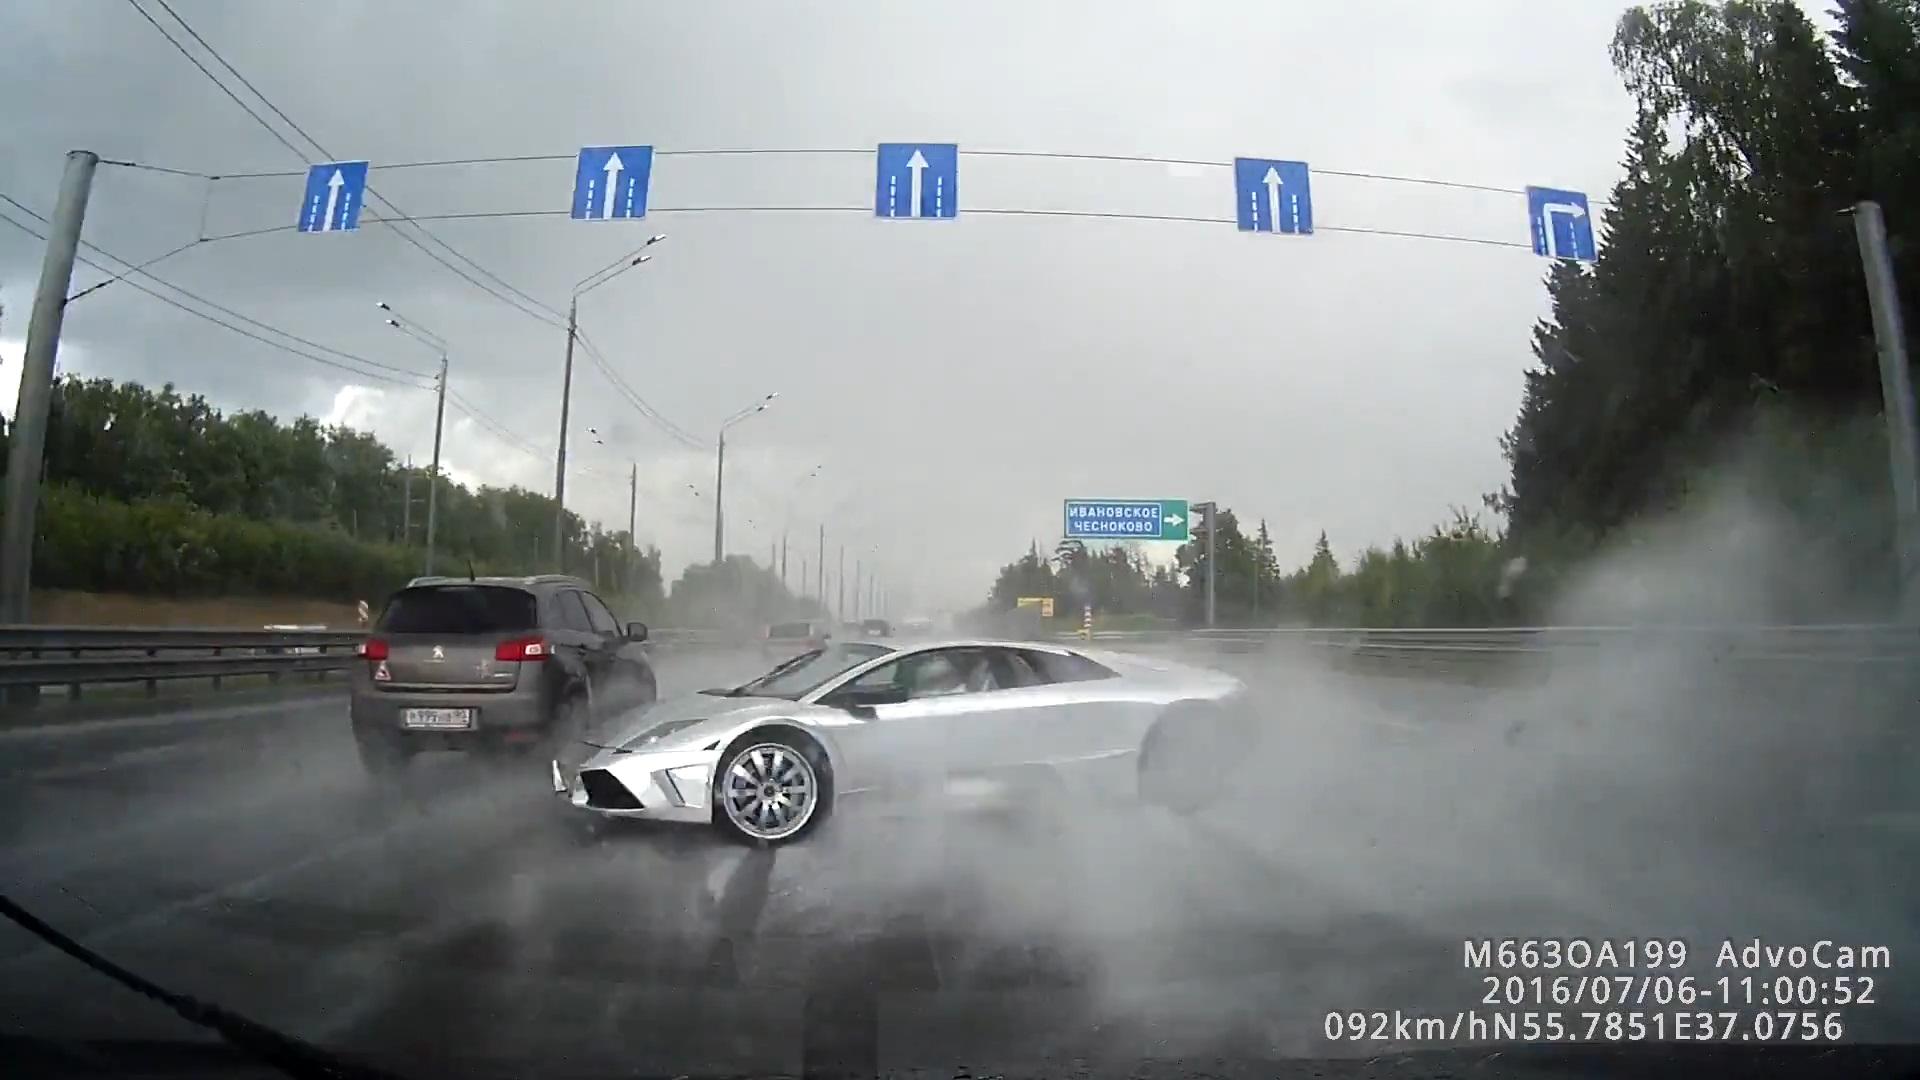 爷爱怀旧 YouTube每日视频精选 莫斯科某高速 一辆兰博基尼蝙蝠在雨天行驶依然不减速 结果失控撞毁 微博@爷爱怀旧 爷爱怀旧